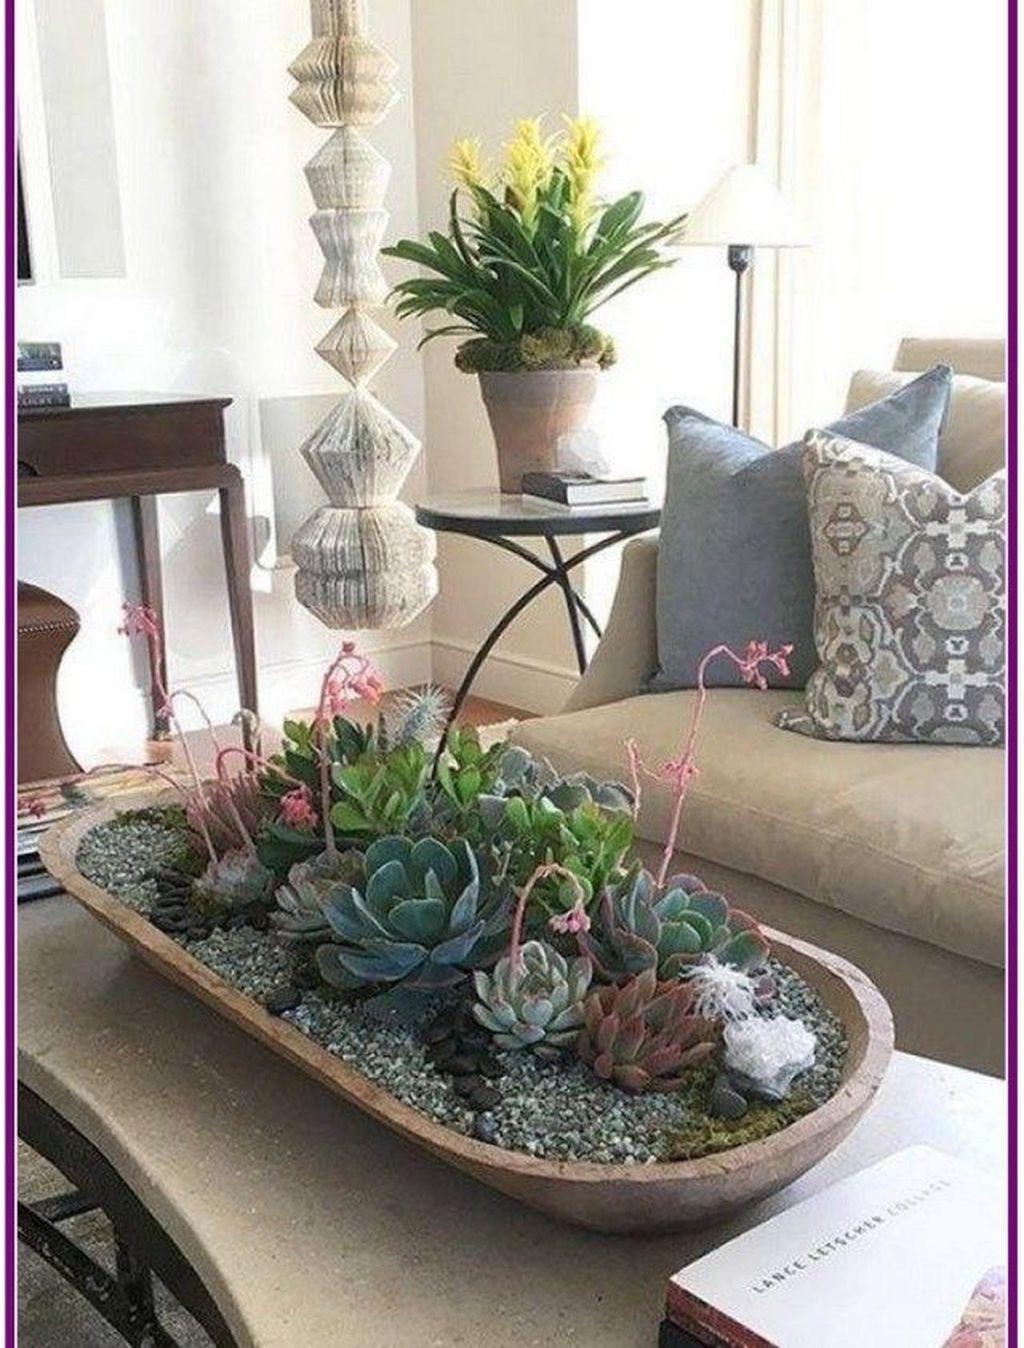 35 Amazing Indoor Plants Decor Ideas